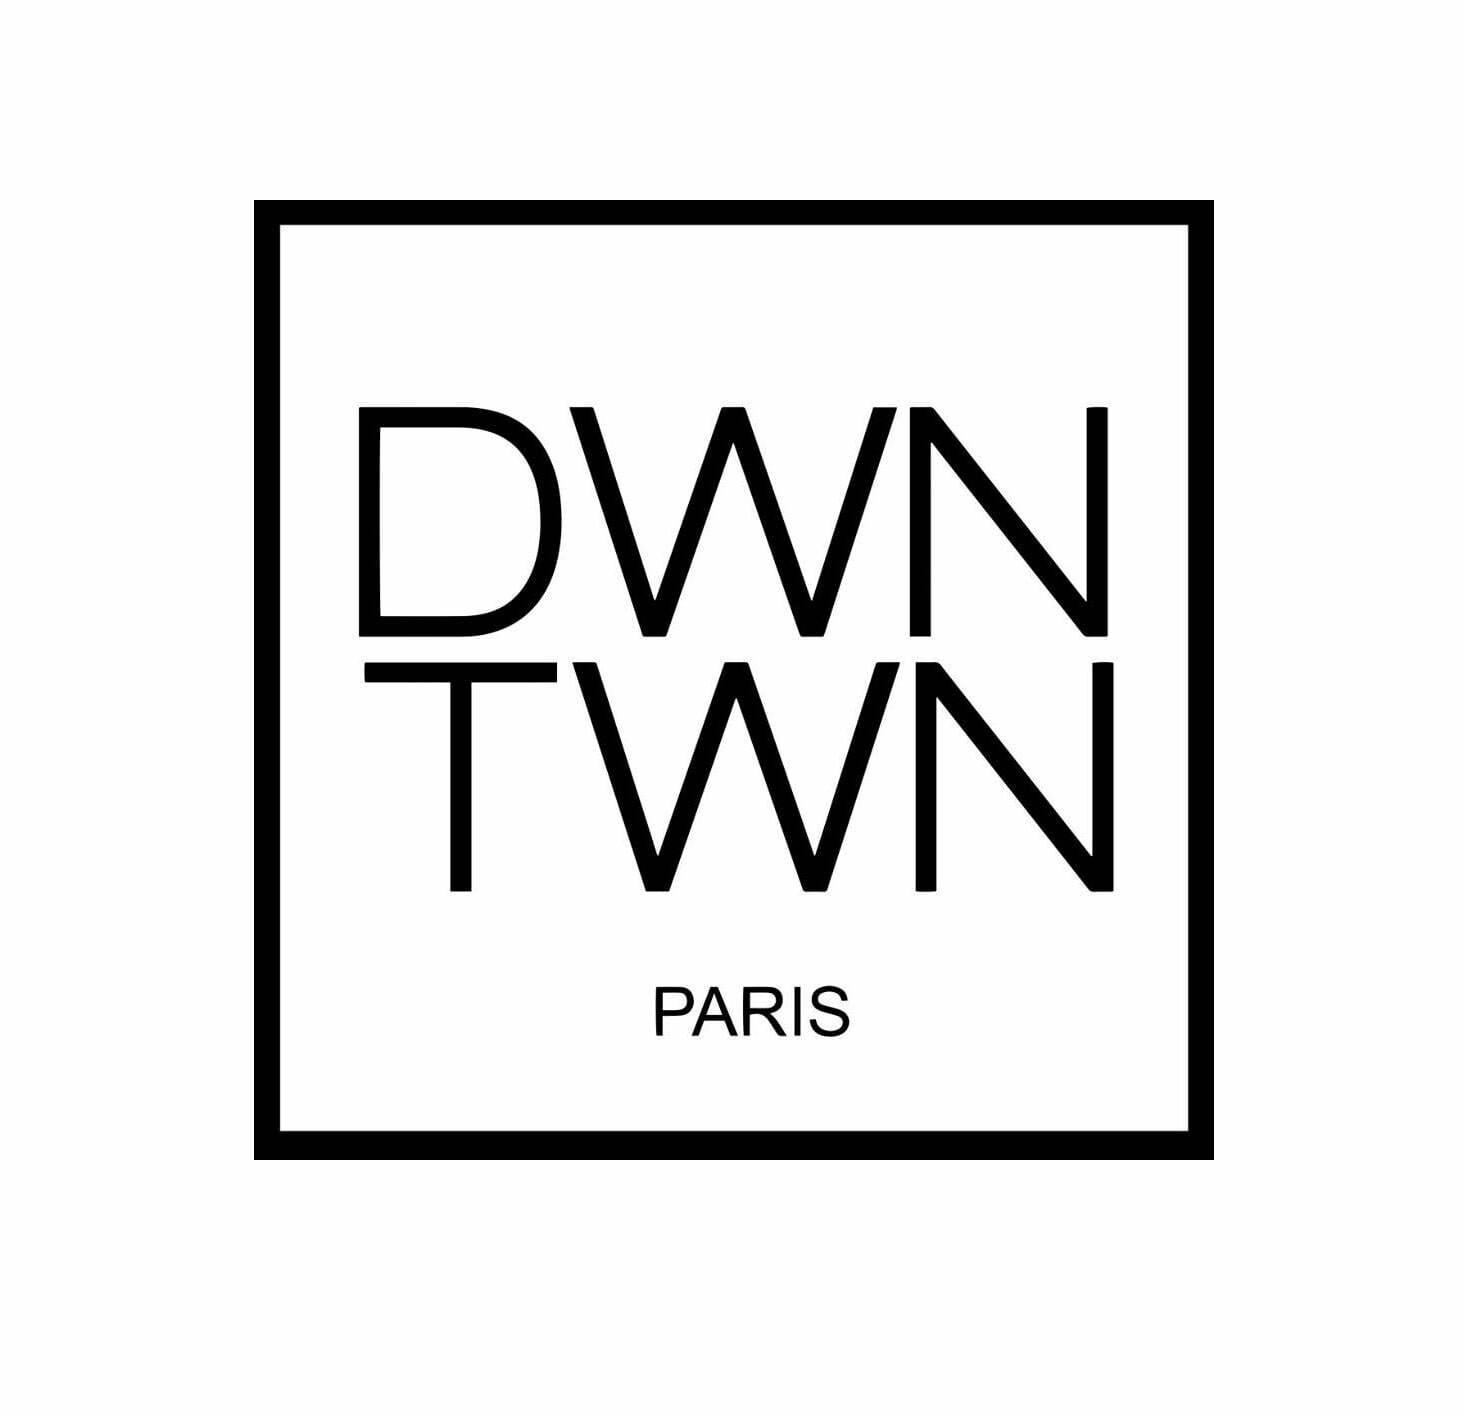 DWN TWN PARIS